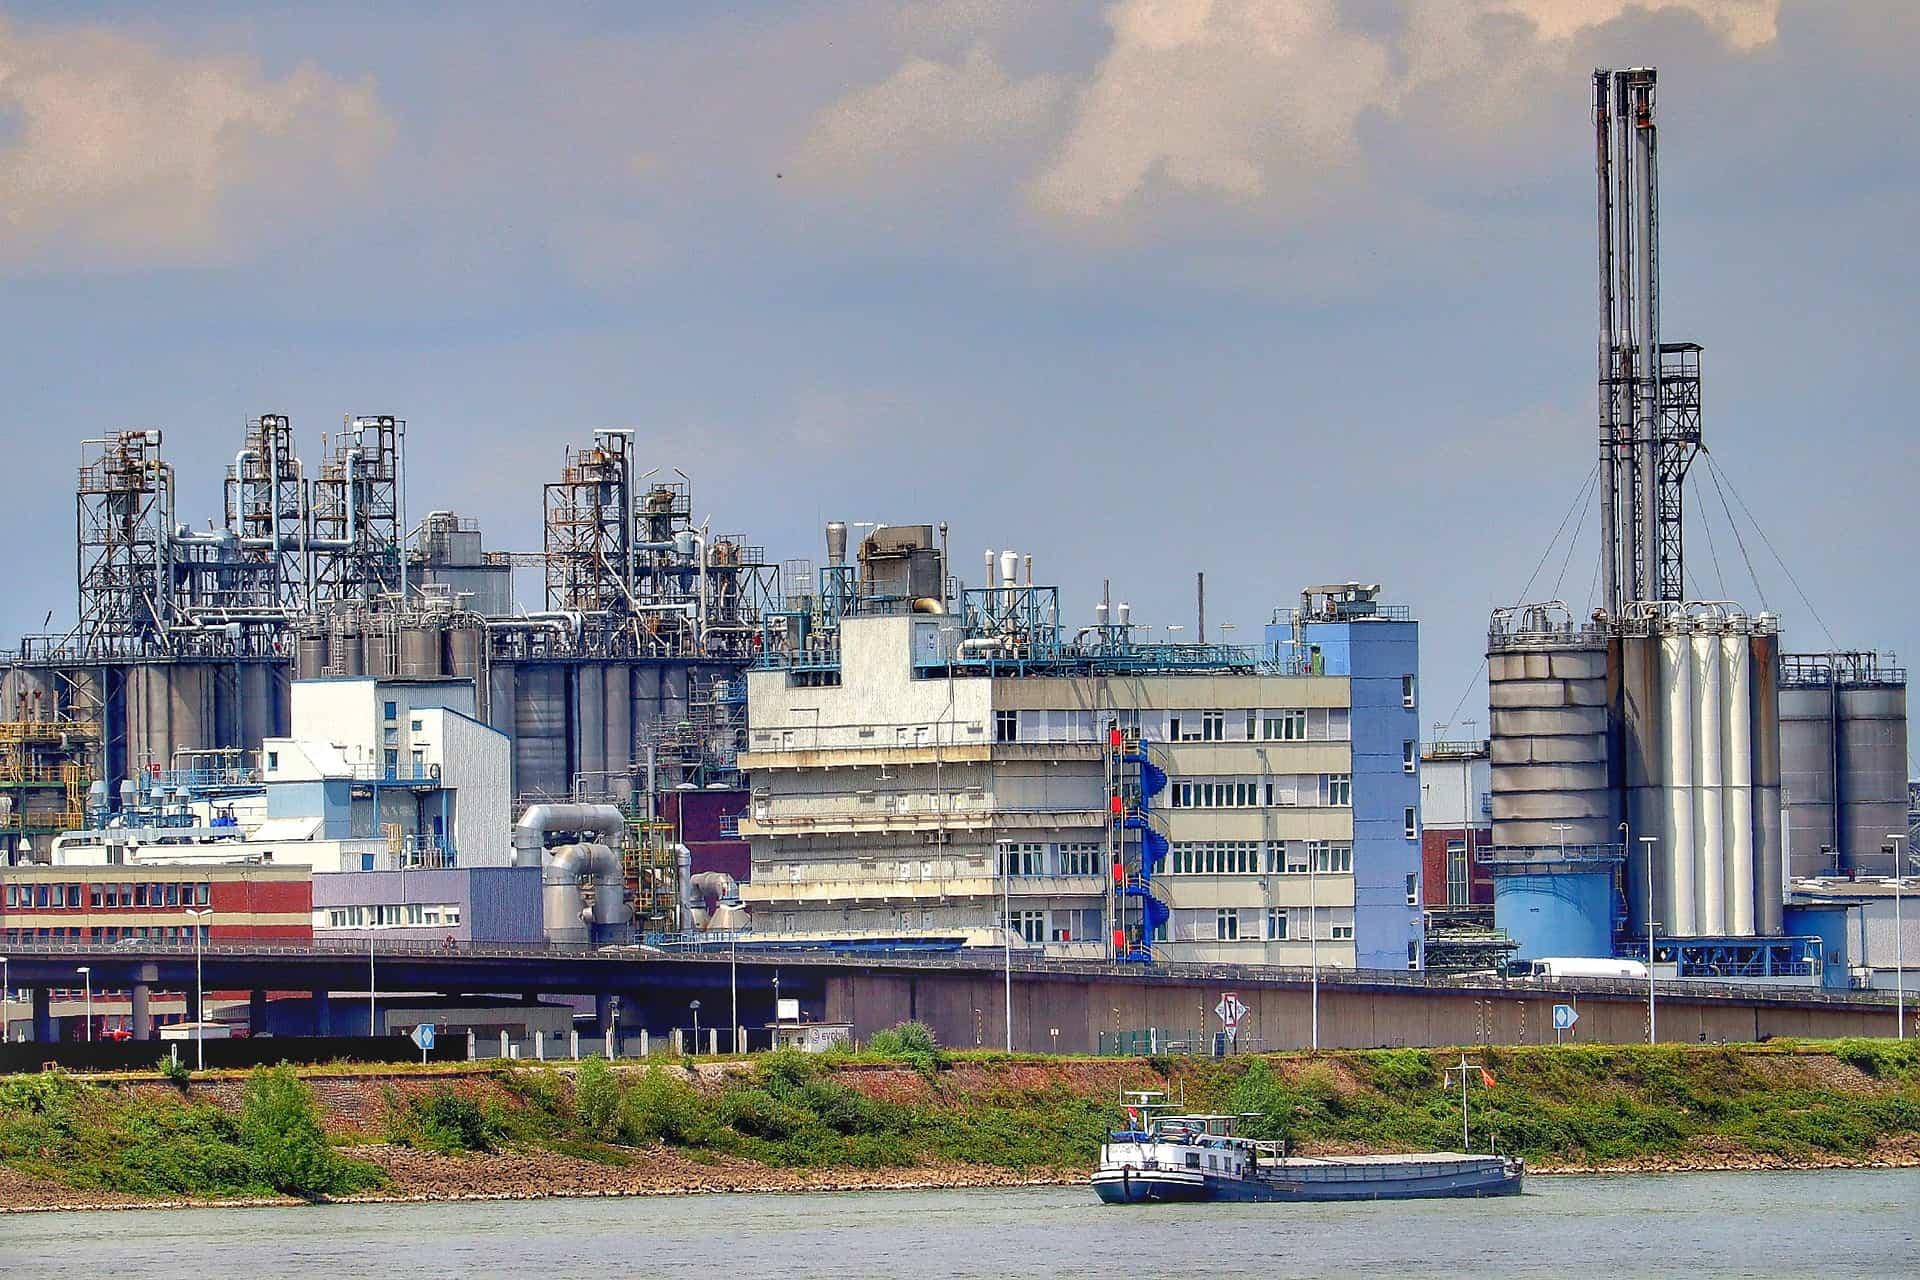 heating oil tanker